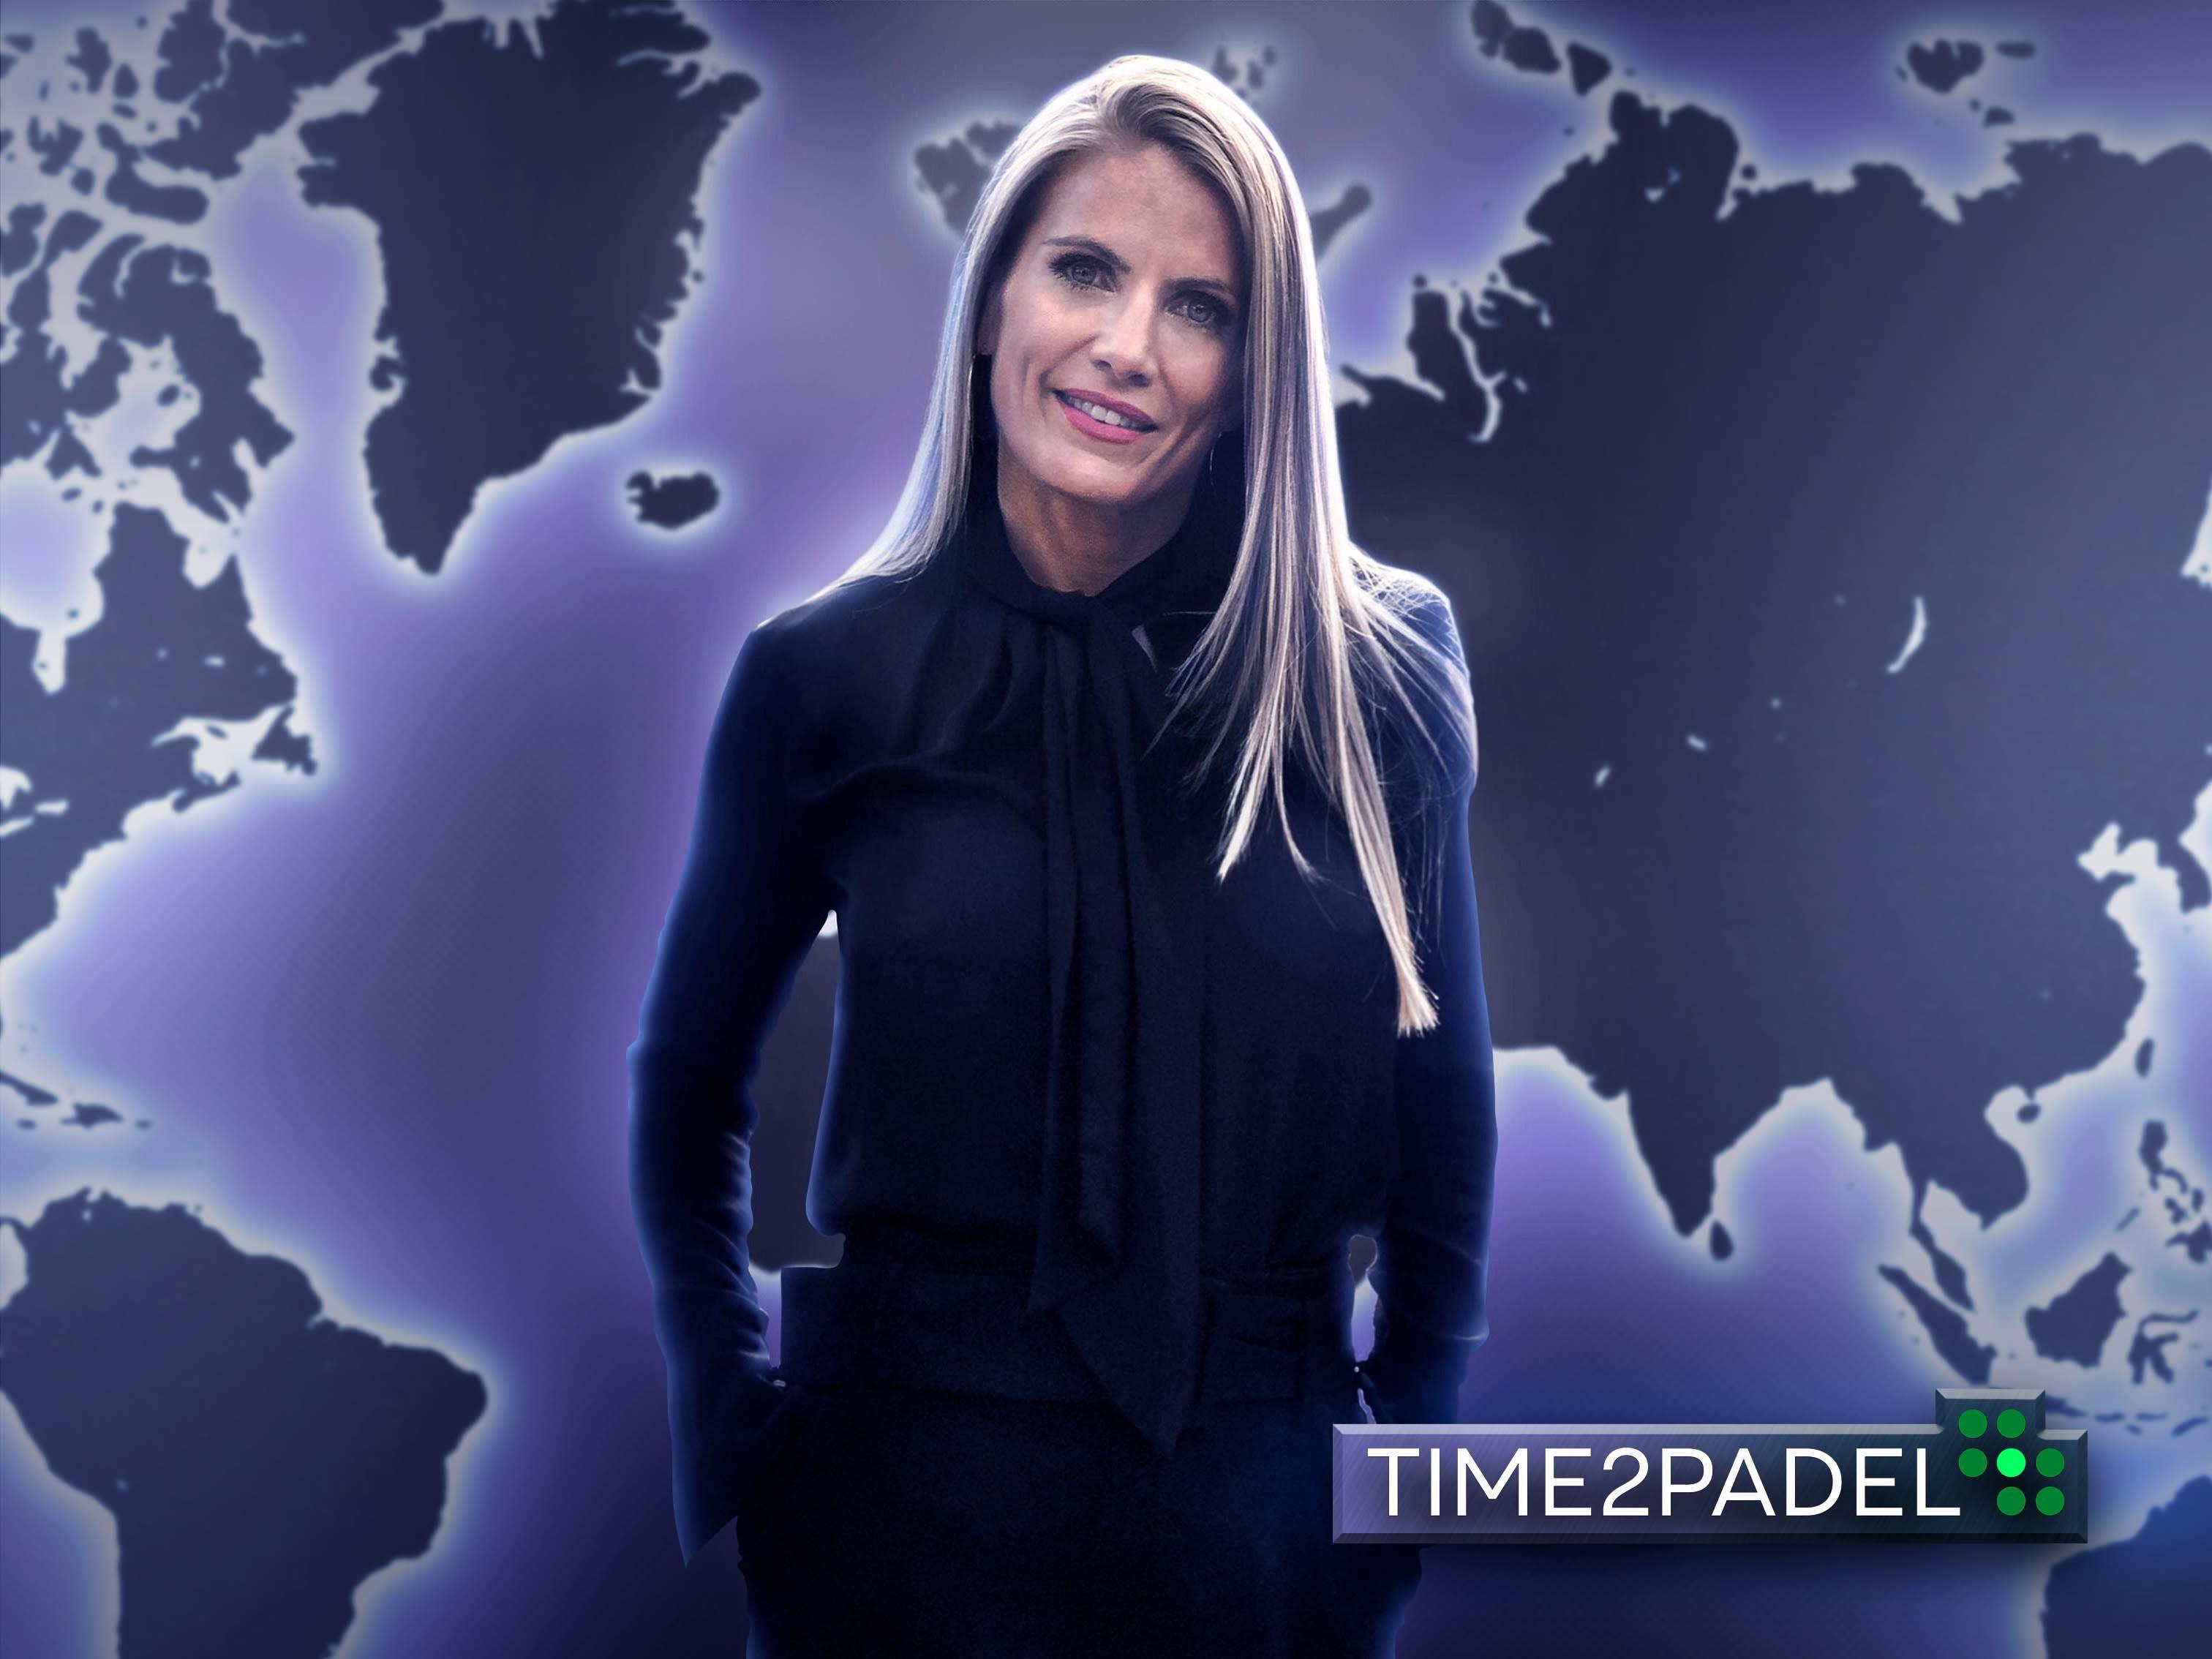 Time2padel aspira iniciar 2022 con una veintena de franquicias